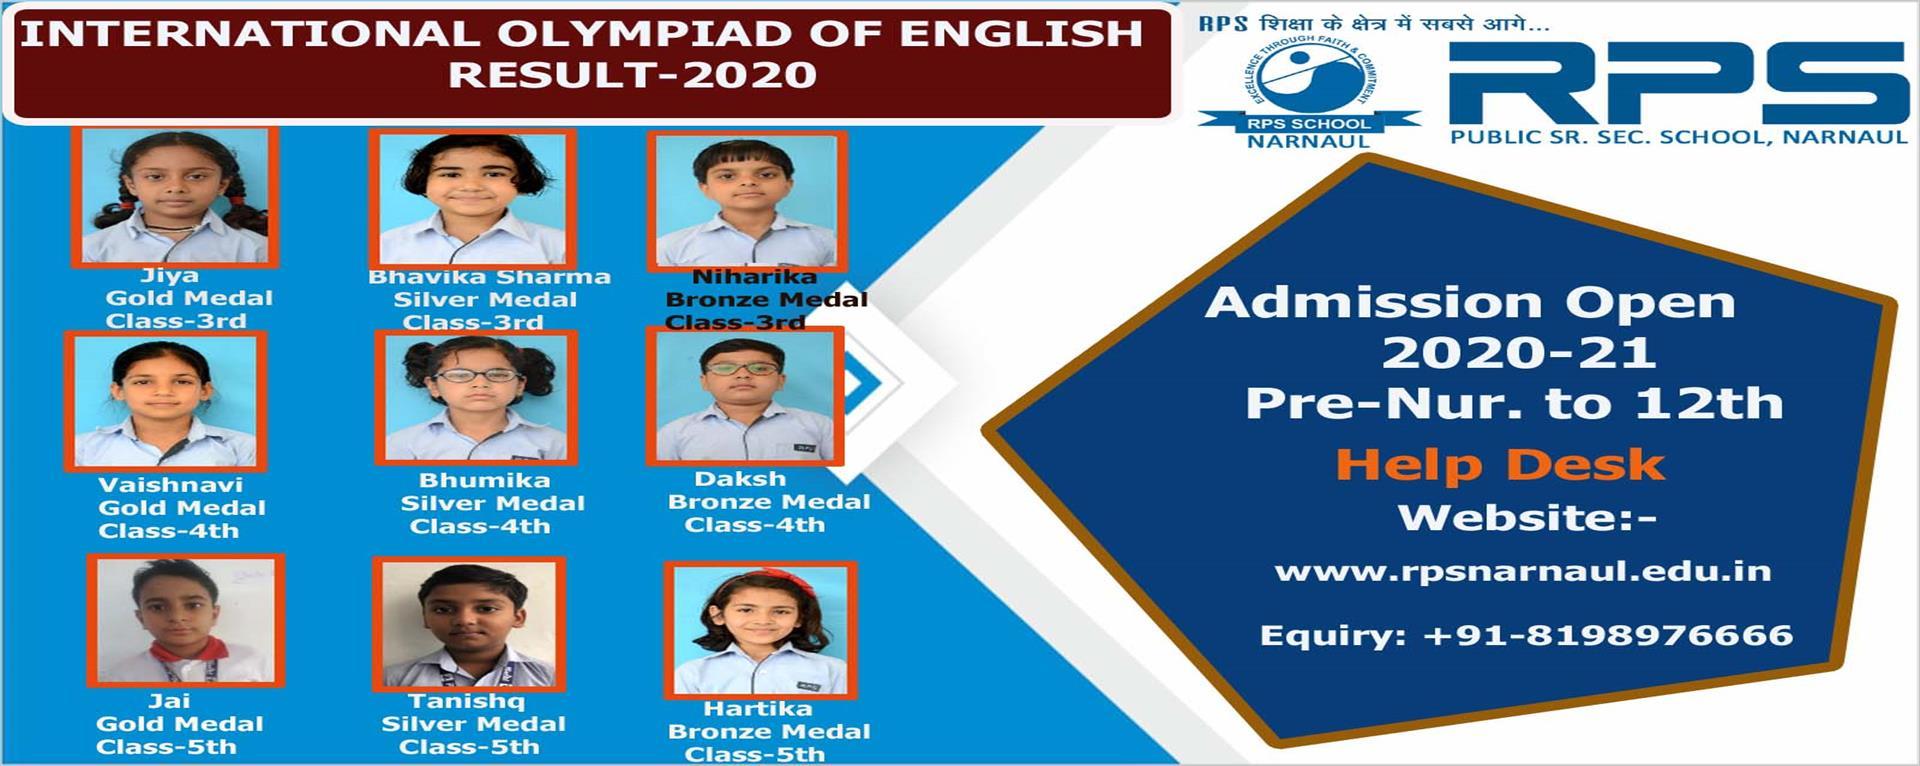 International Olympiad of English